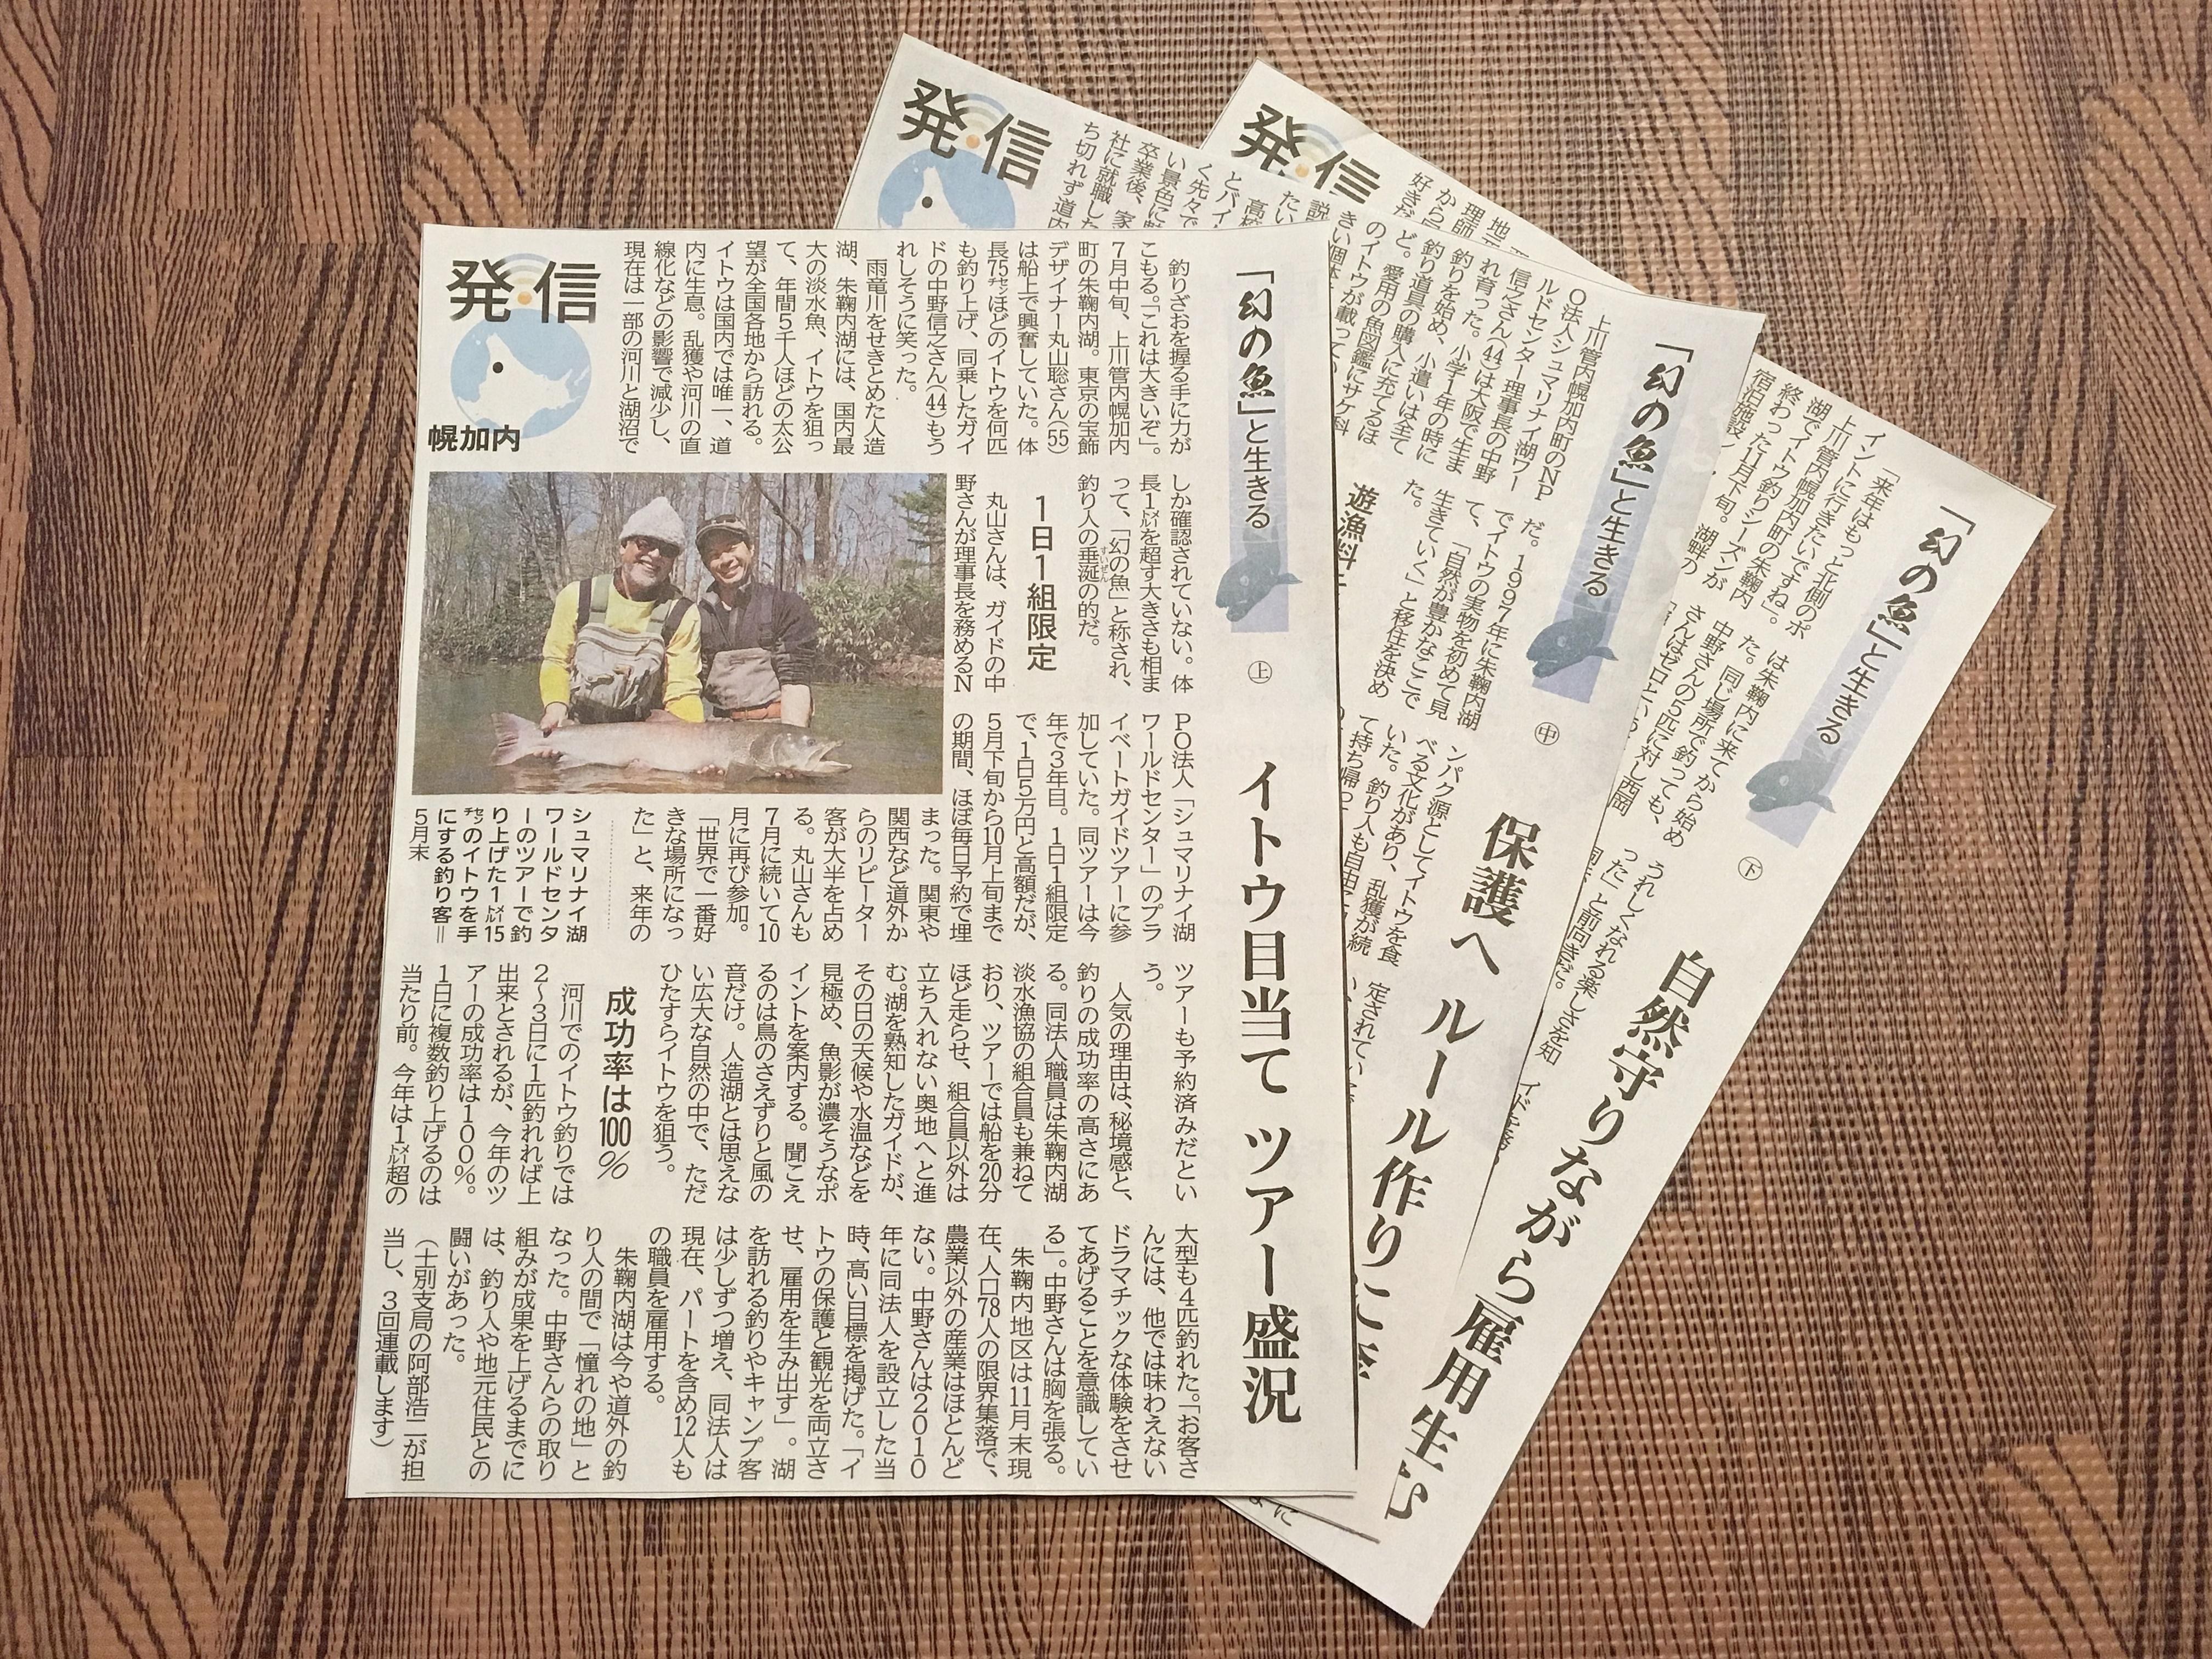 幻の魚と生きる 新聞記事.JPG